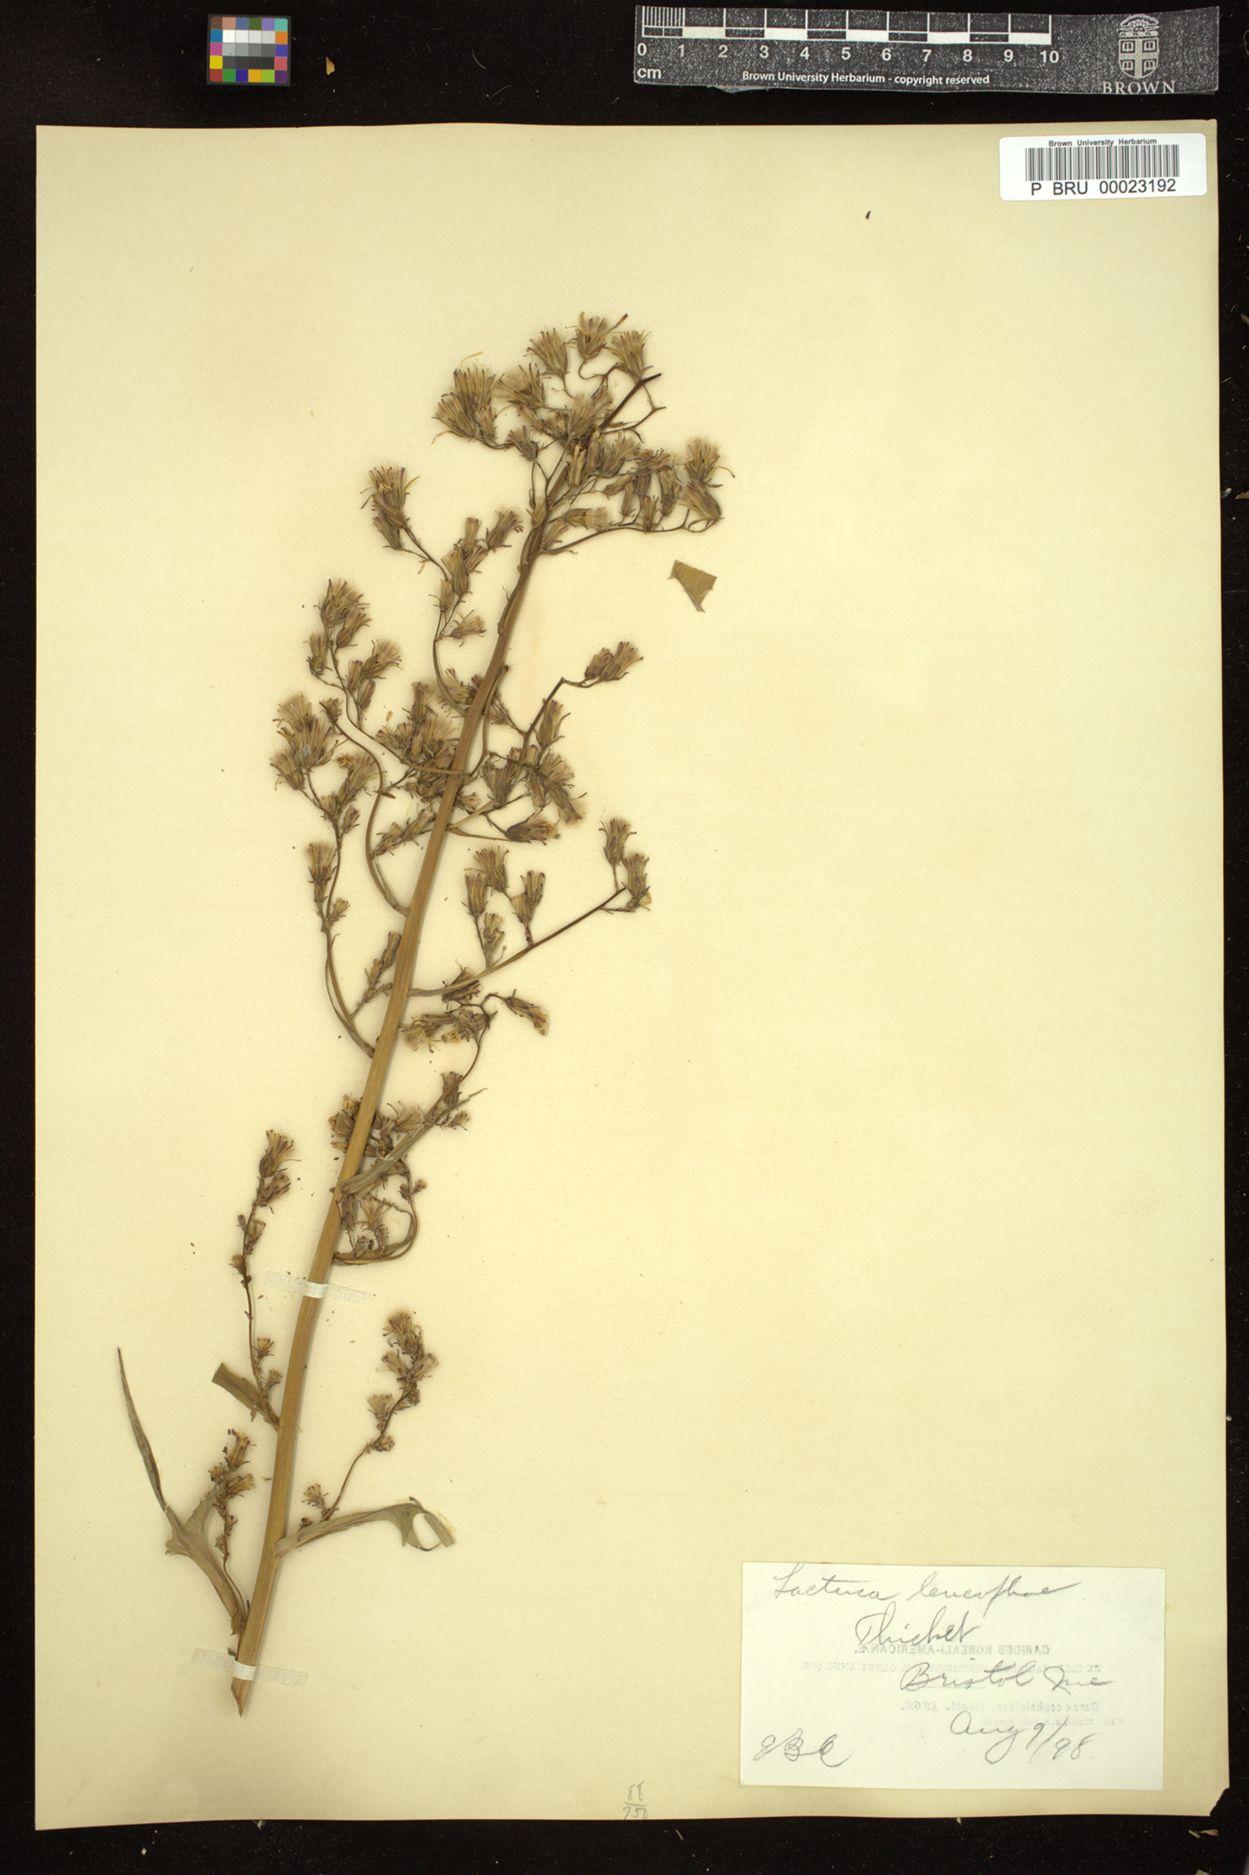 Lactuca leucophaea image